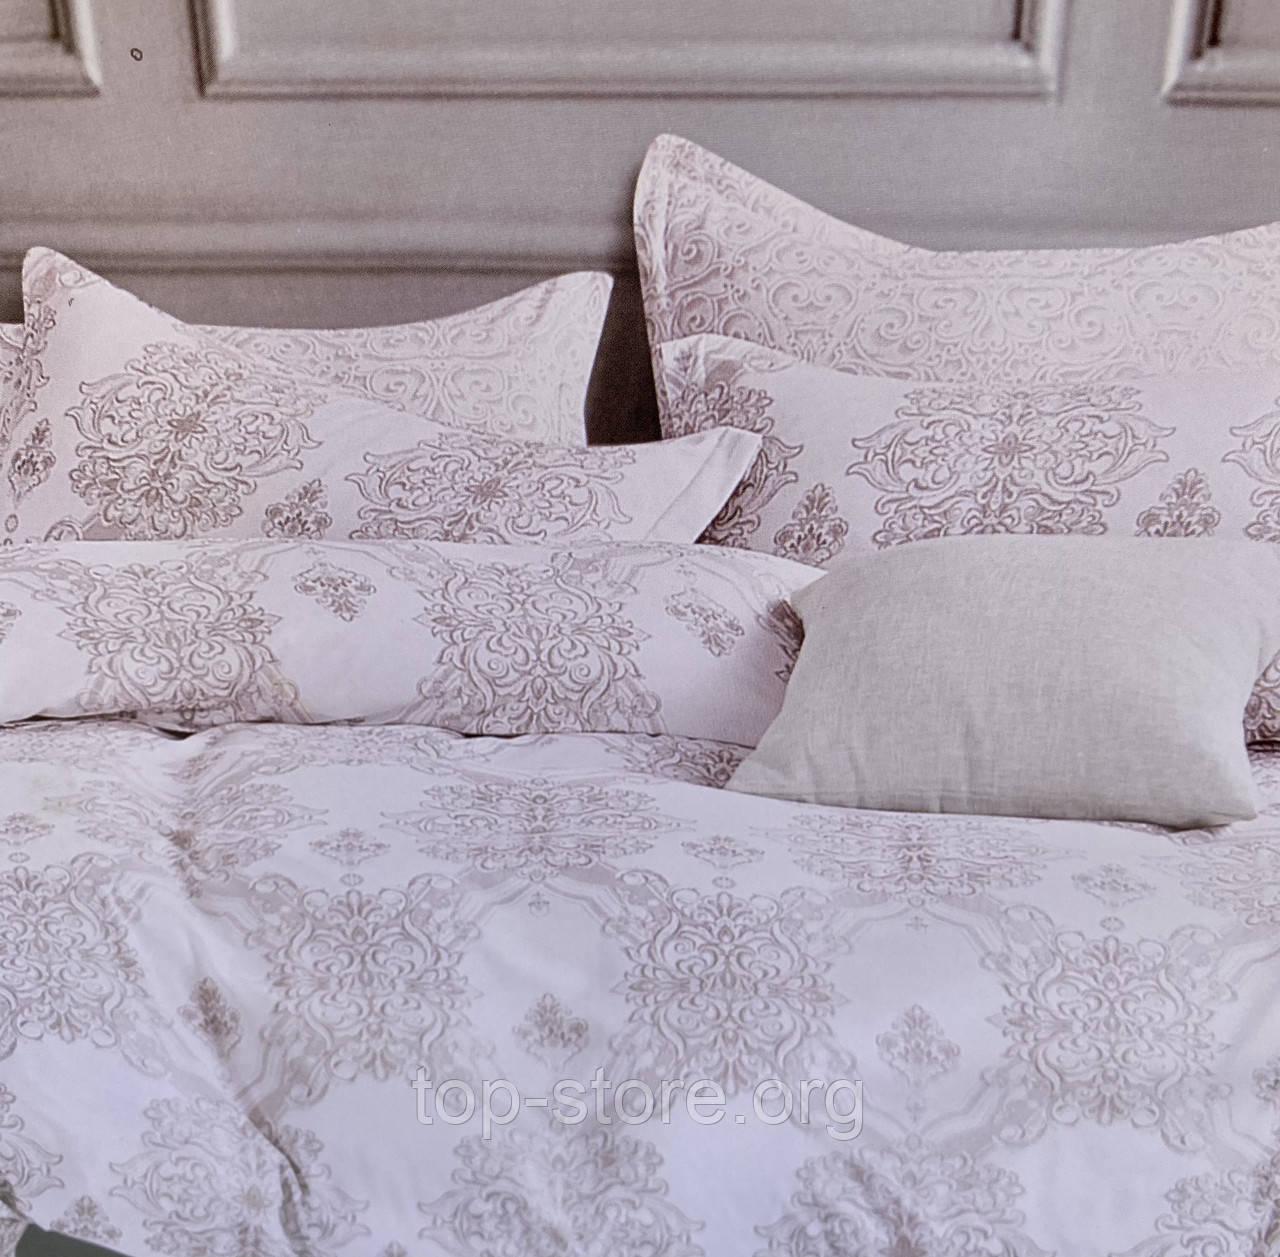 Комплект постельного белья из сатина Евро размера 200*230 Ткань - Хлопок